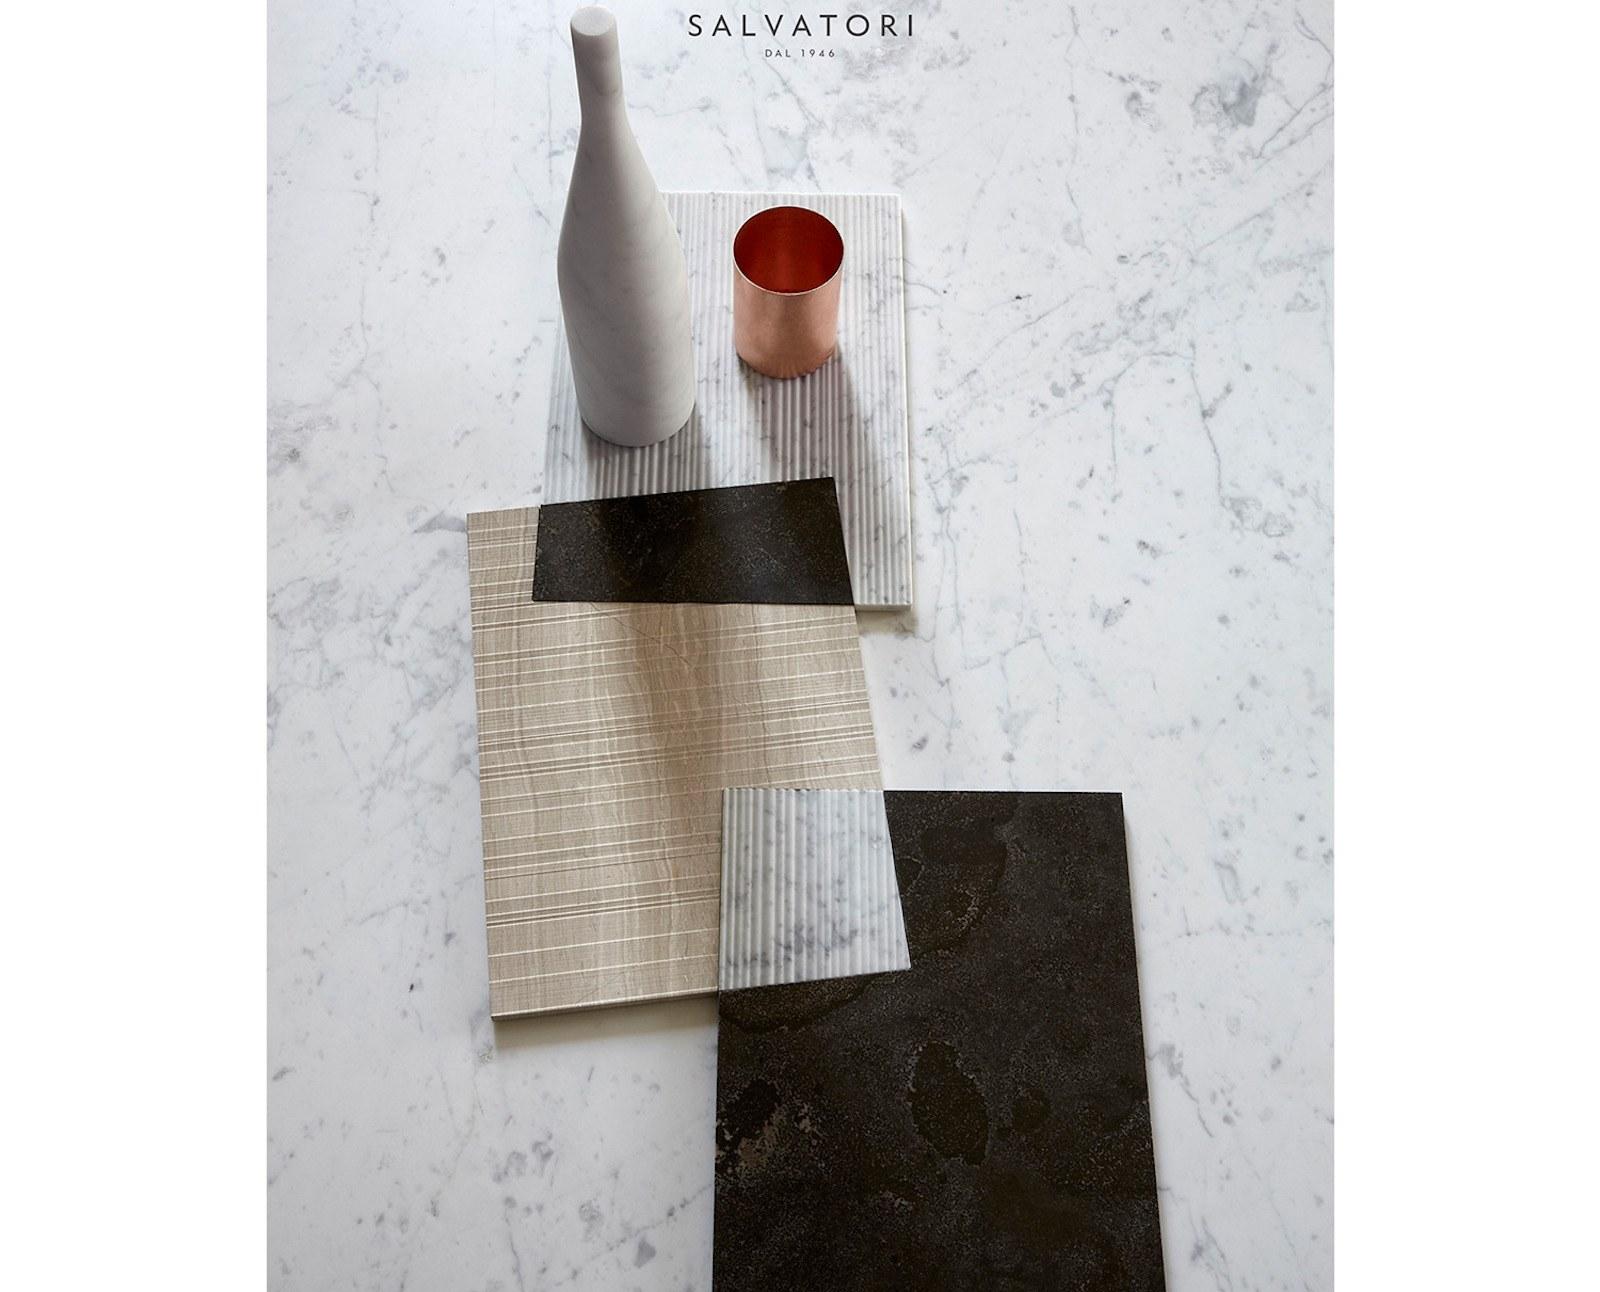 IGNANT-Design-Gabriele-Salvatori-Collaborations-09